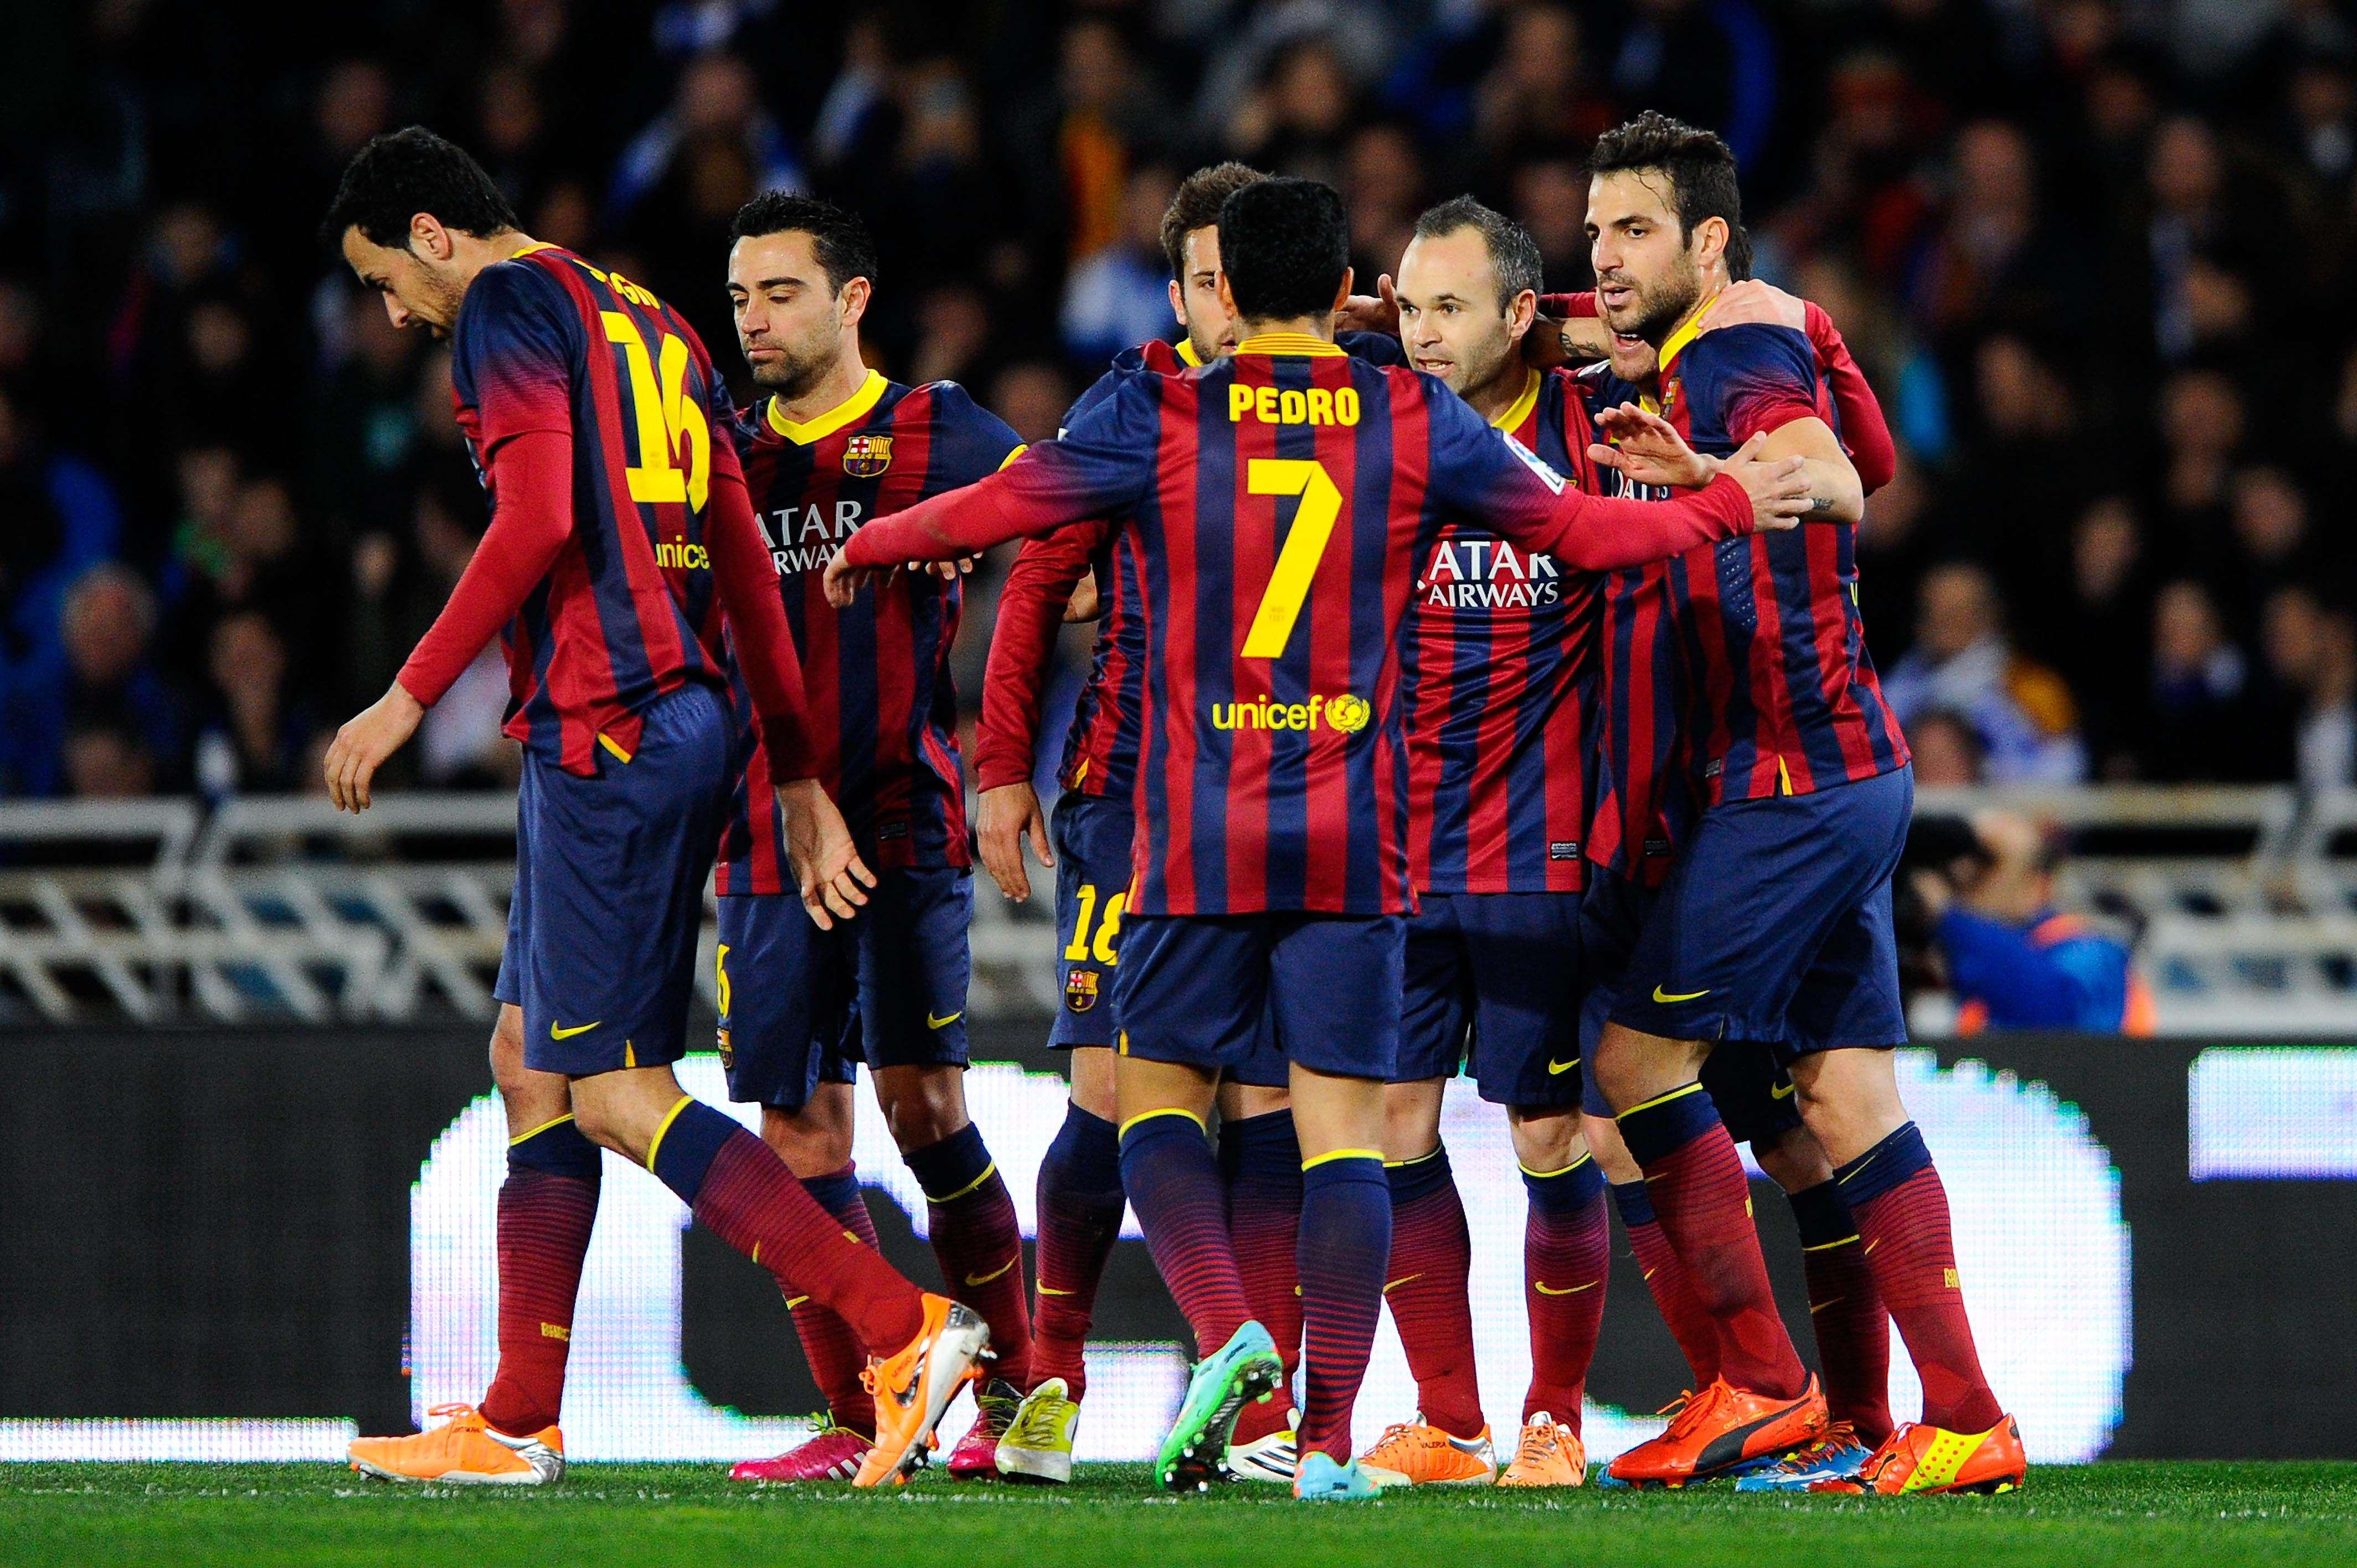 El Barça sobrevive a Anoeta y se cita con el Real Madrid